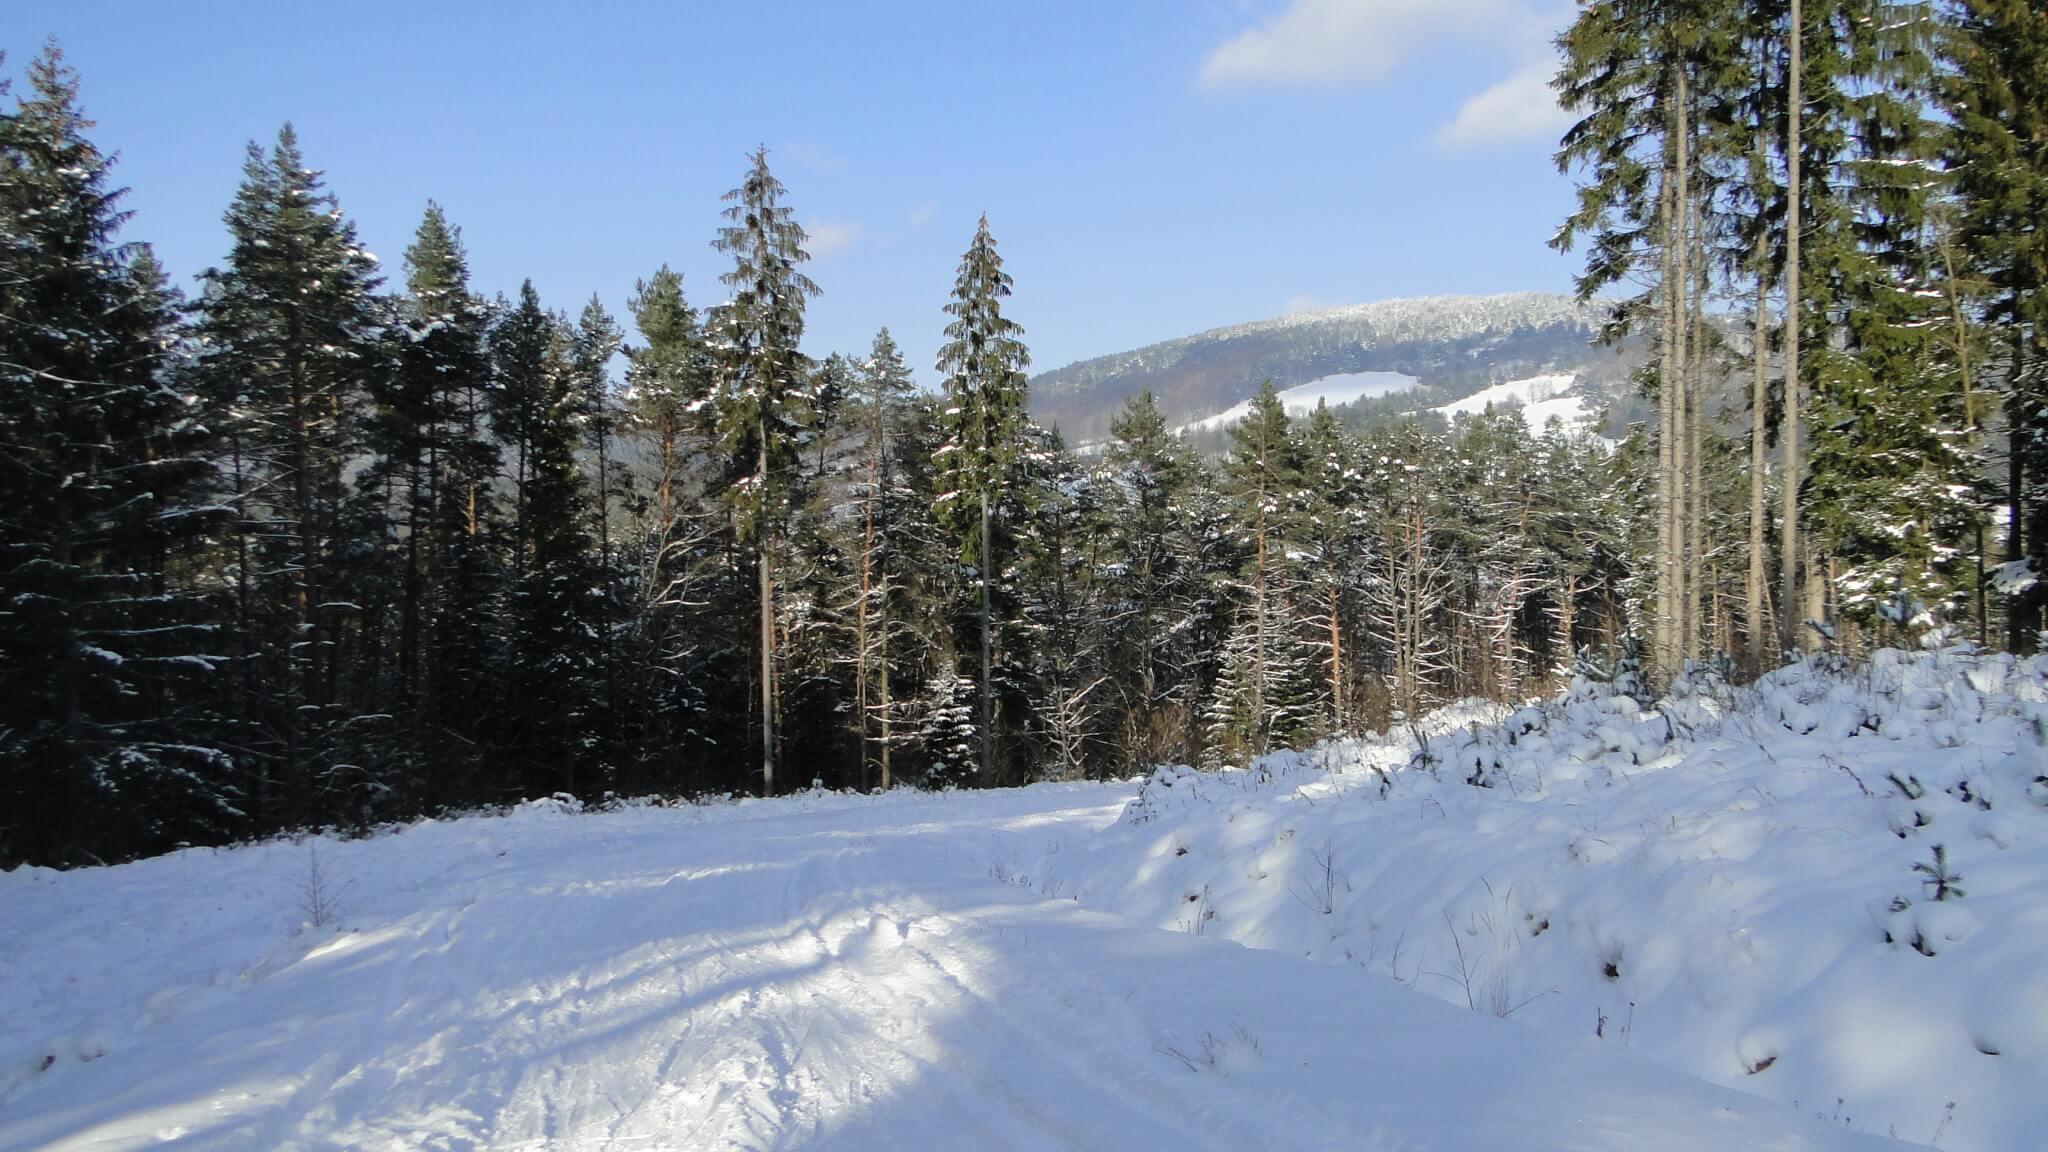 Na nartach do Polan Surowicznych! 3